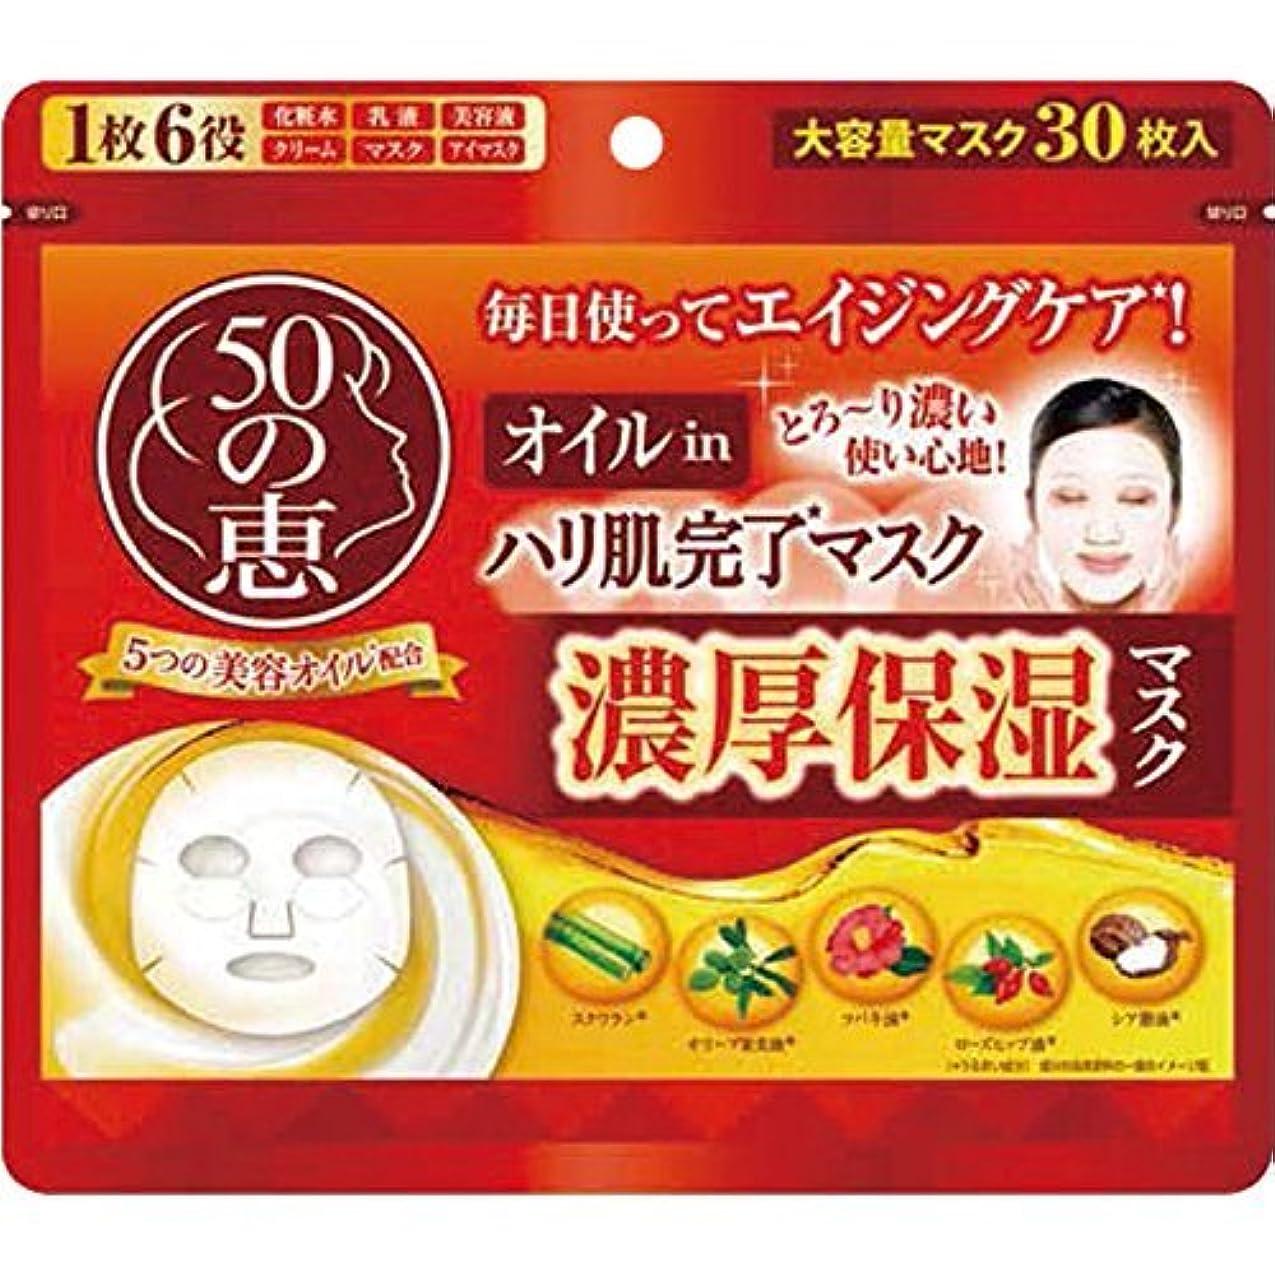 形状お客様ハドル50の恵 オイルinハリ肌完了マスク × 6個セット